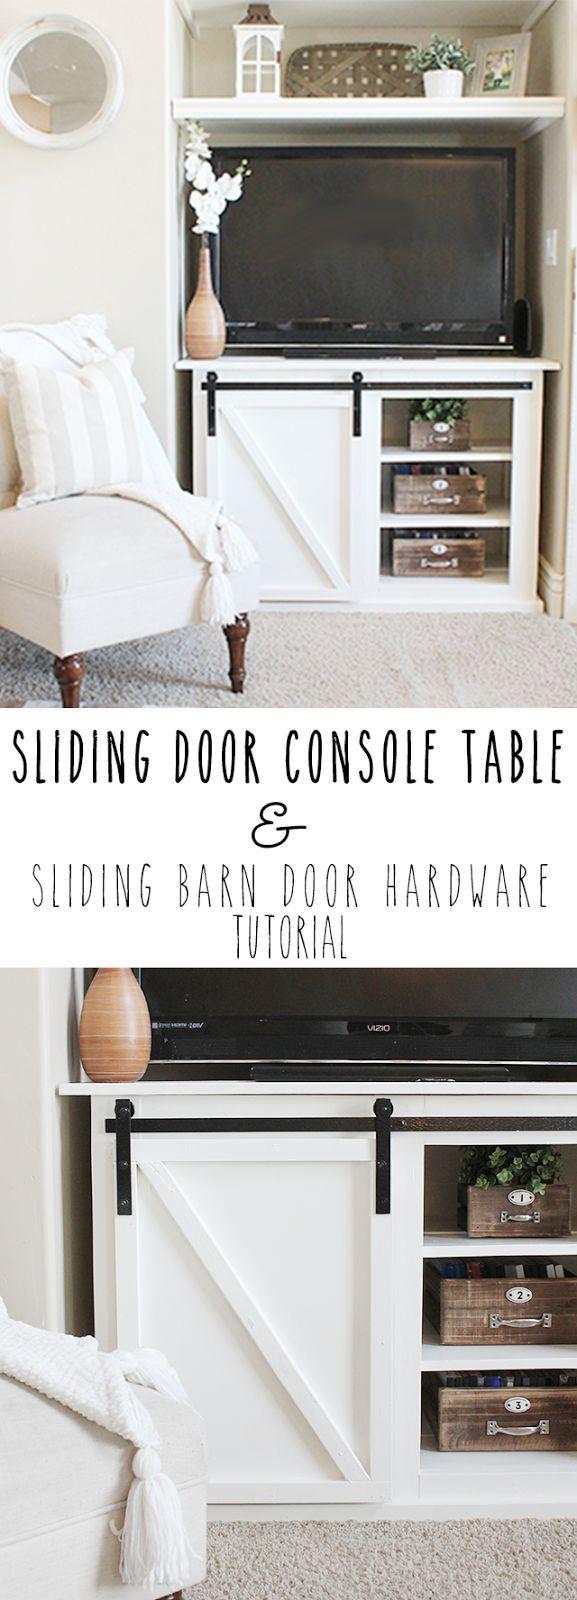 Diy Sliding Barn Door Best 25 Diy Barn Door Hardware Ideas On Pinterest Sliding Barn